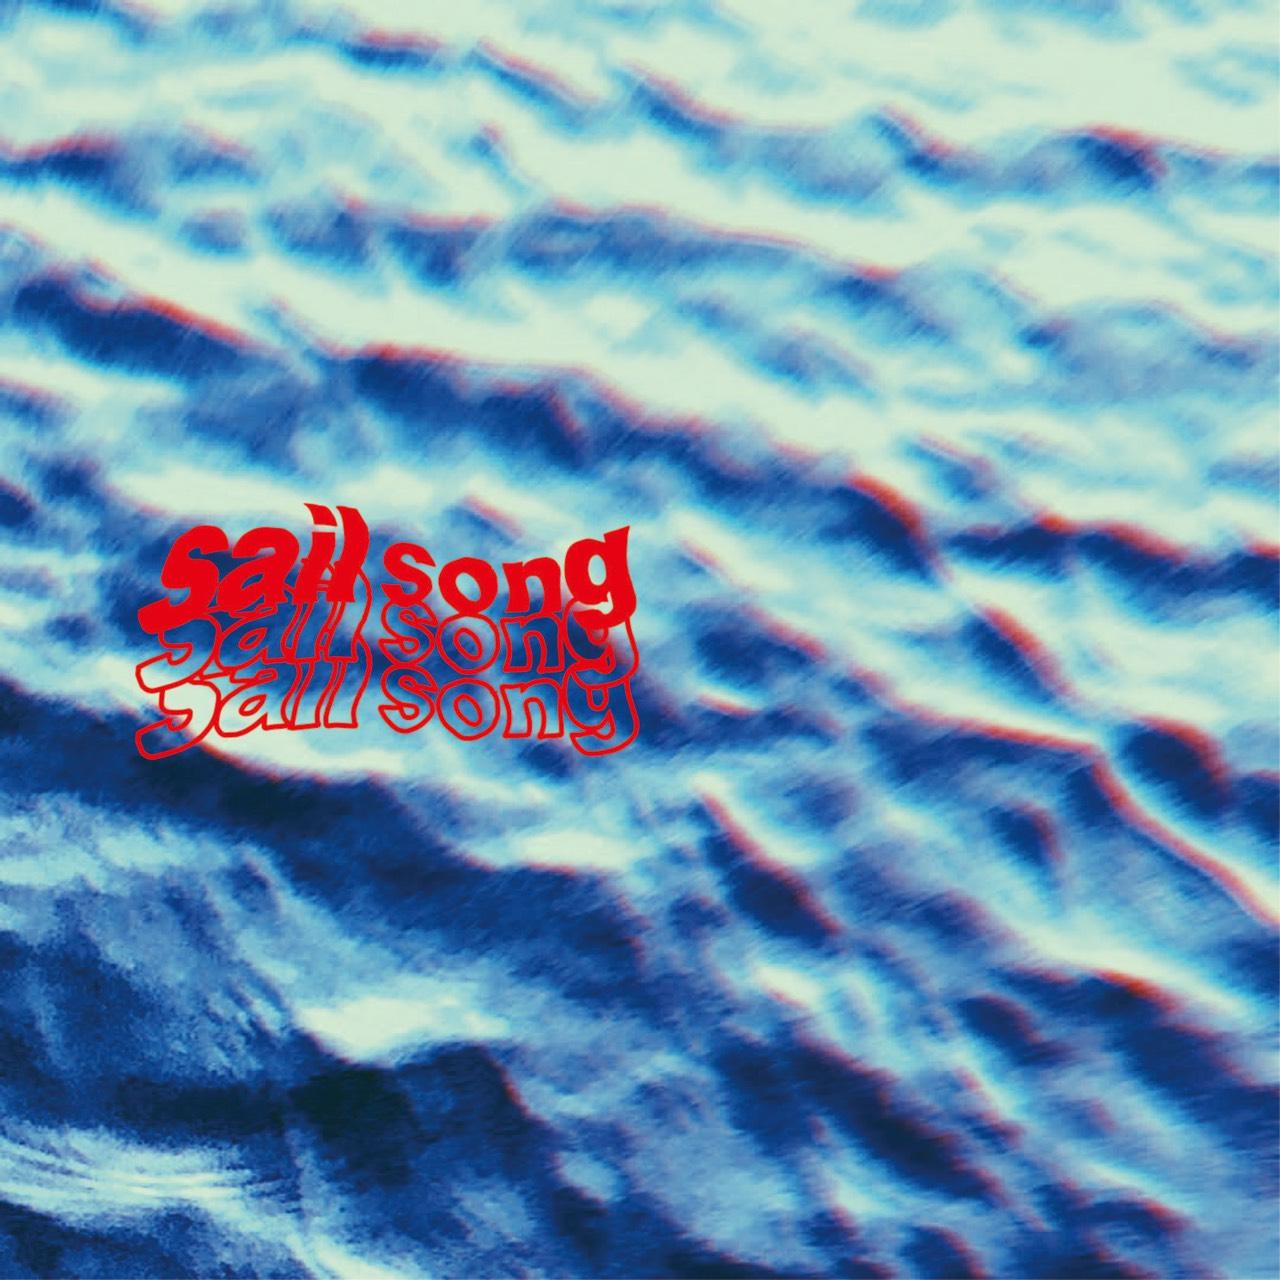 sail songのジャケット